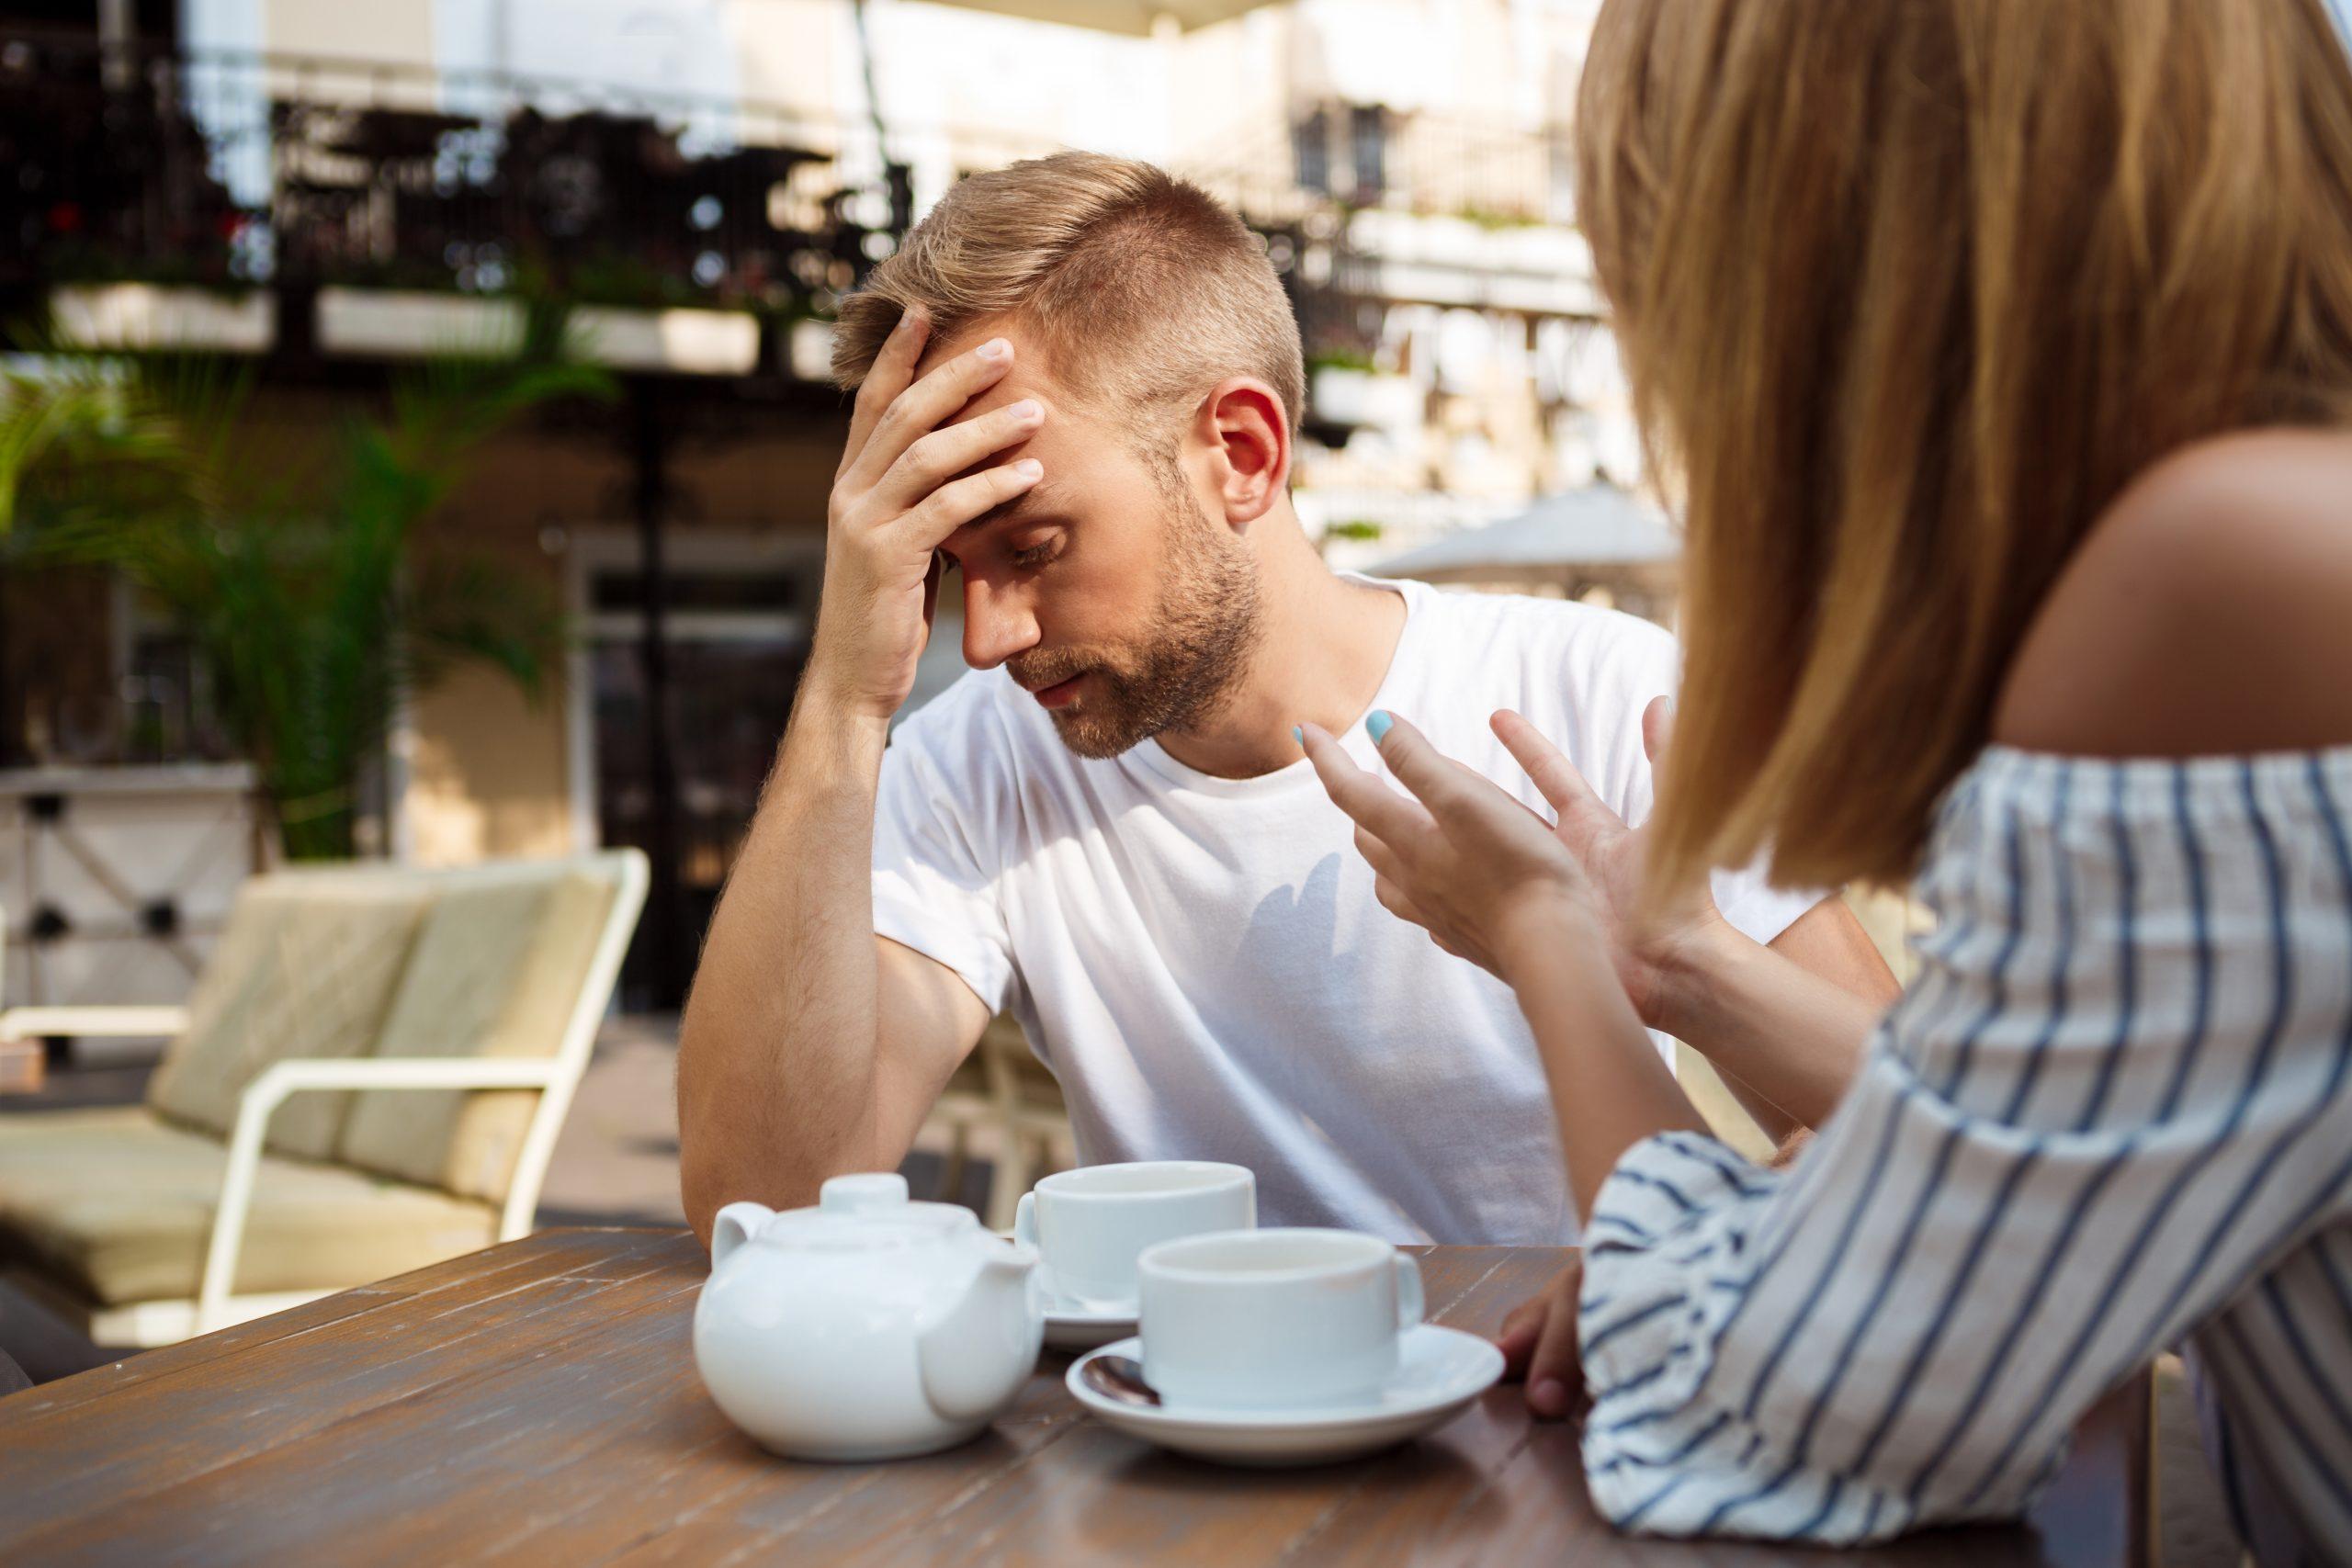 Violencia verbal, claves para detectarla